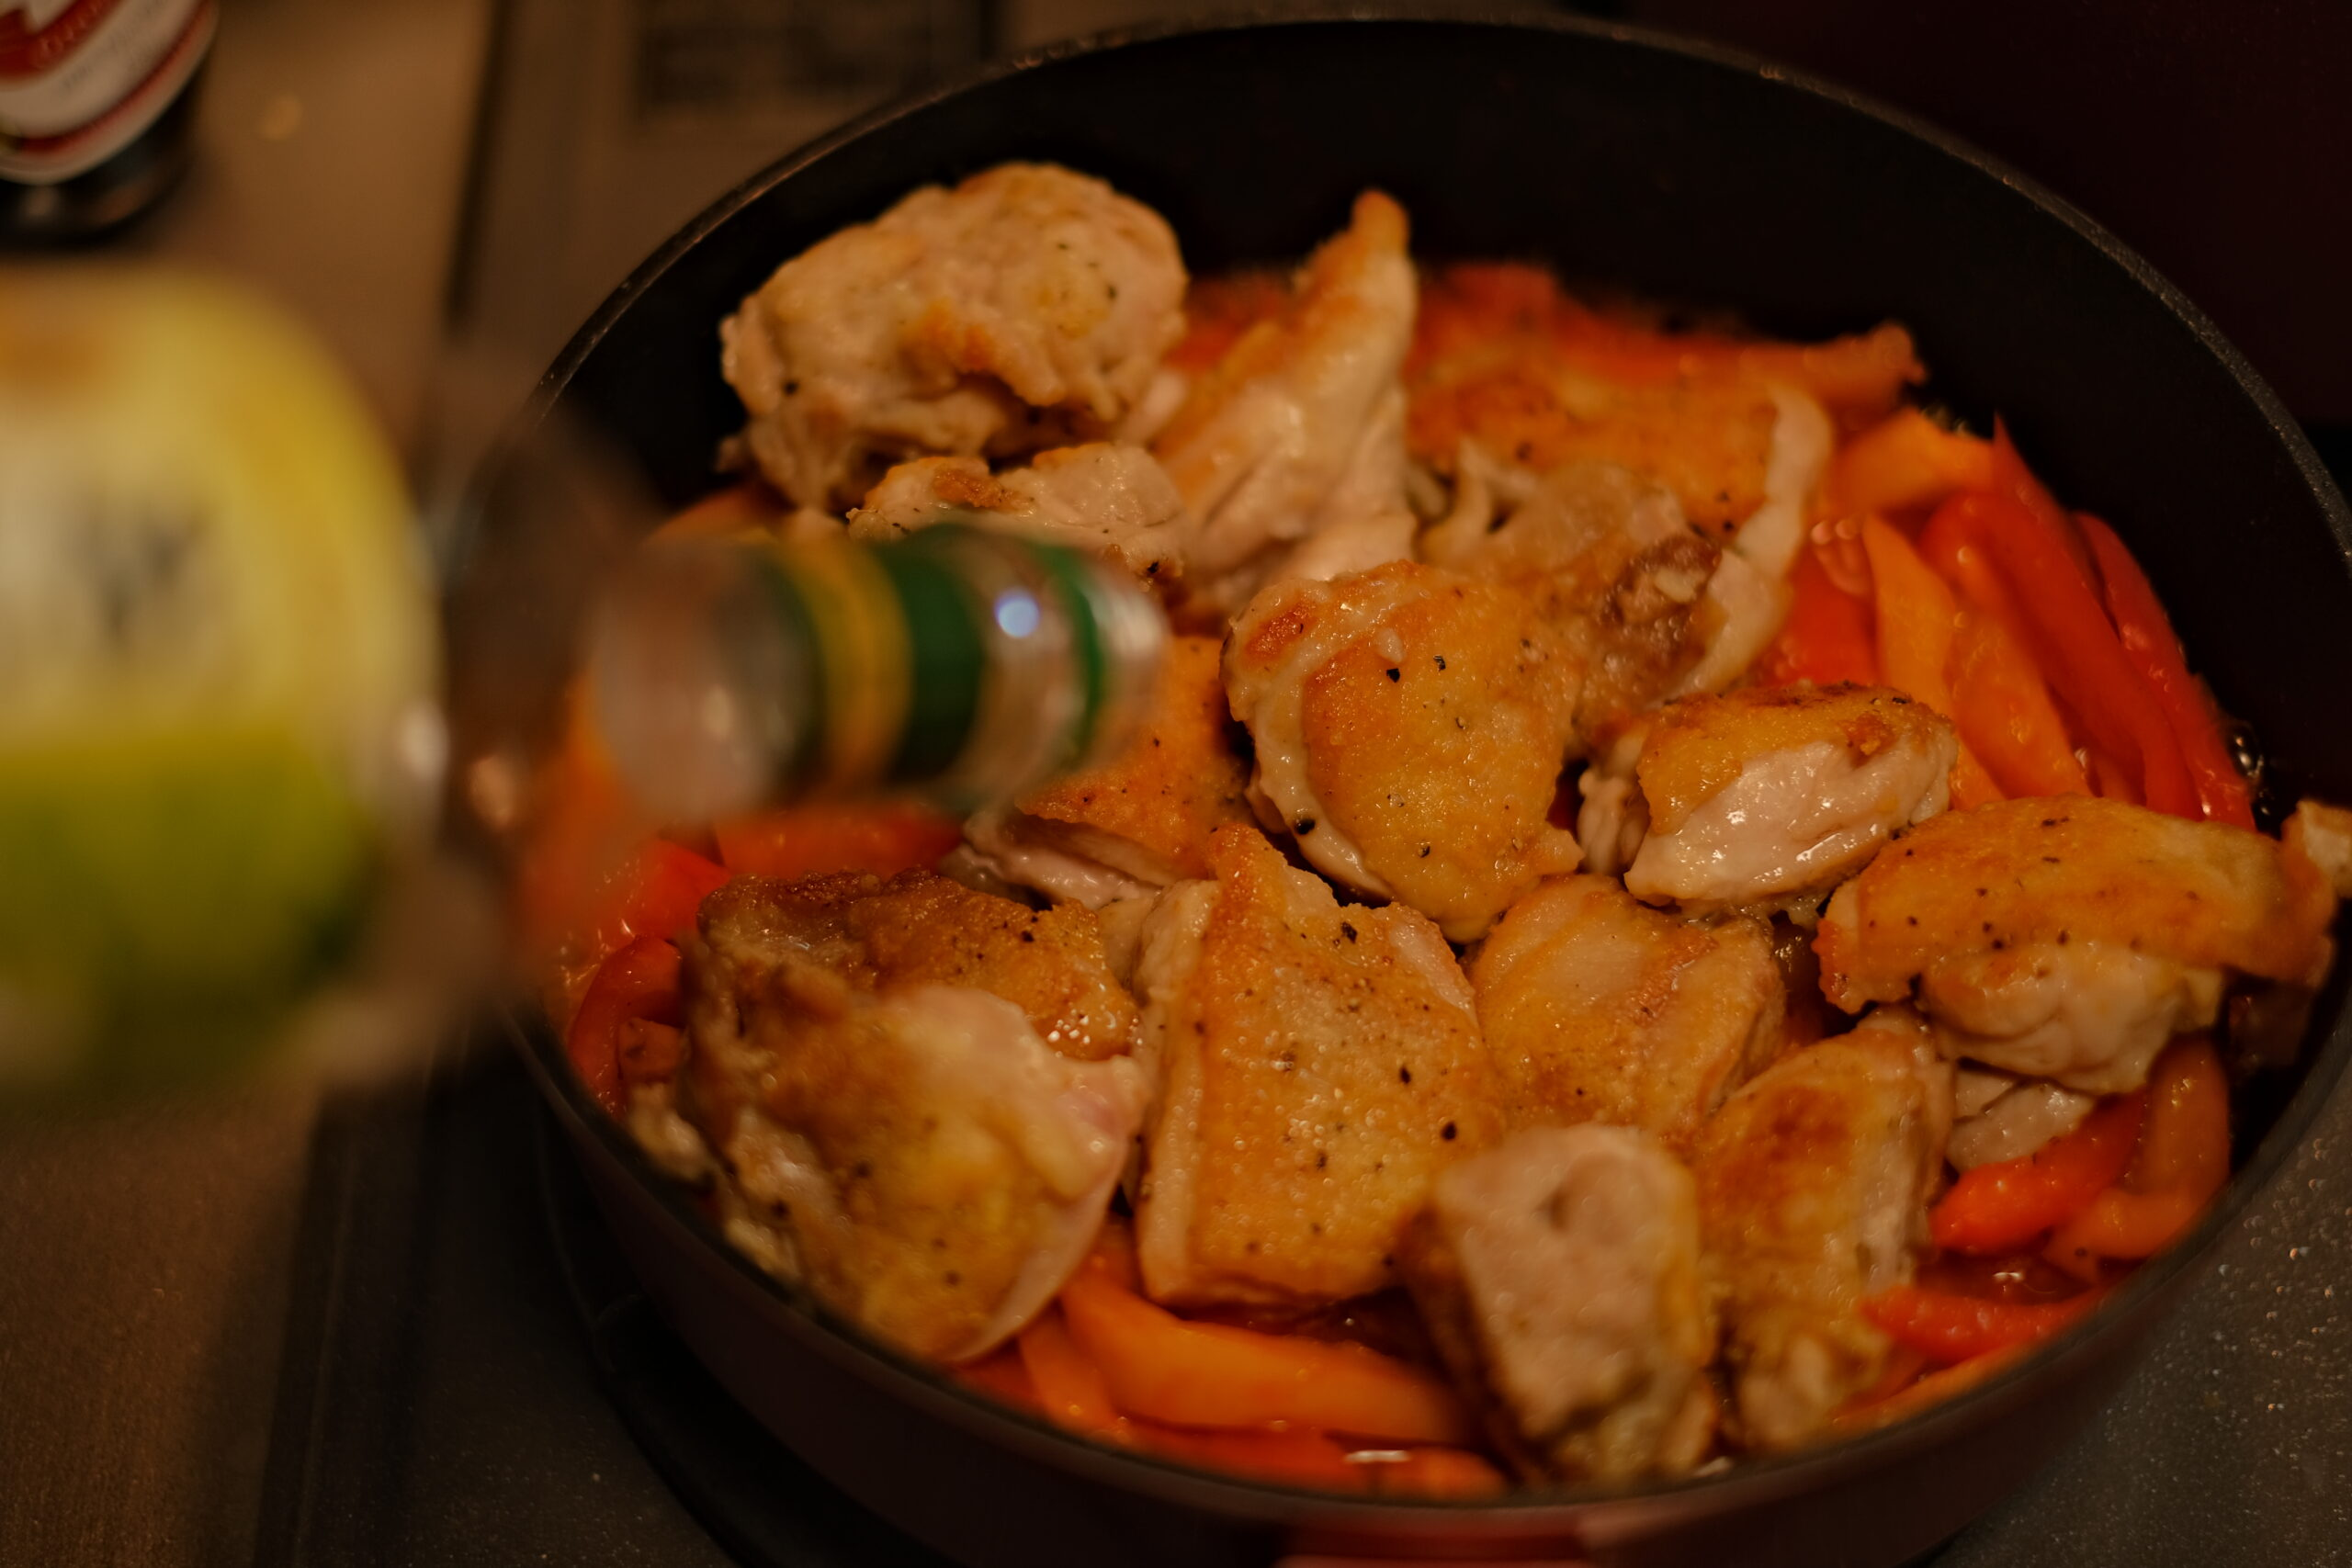 鶏肉を鍋に戻し、白ワインを加えている様子の画像です